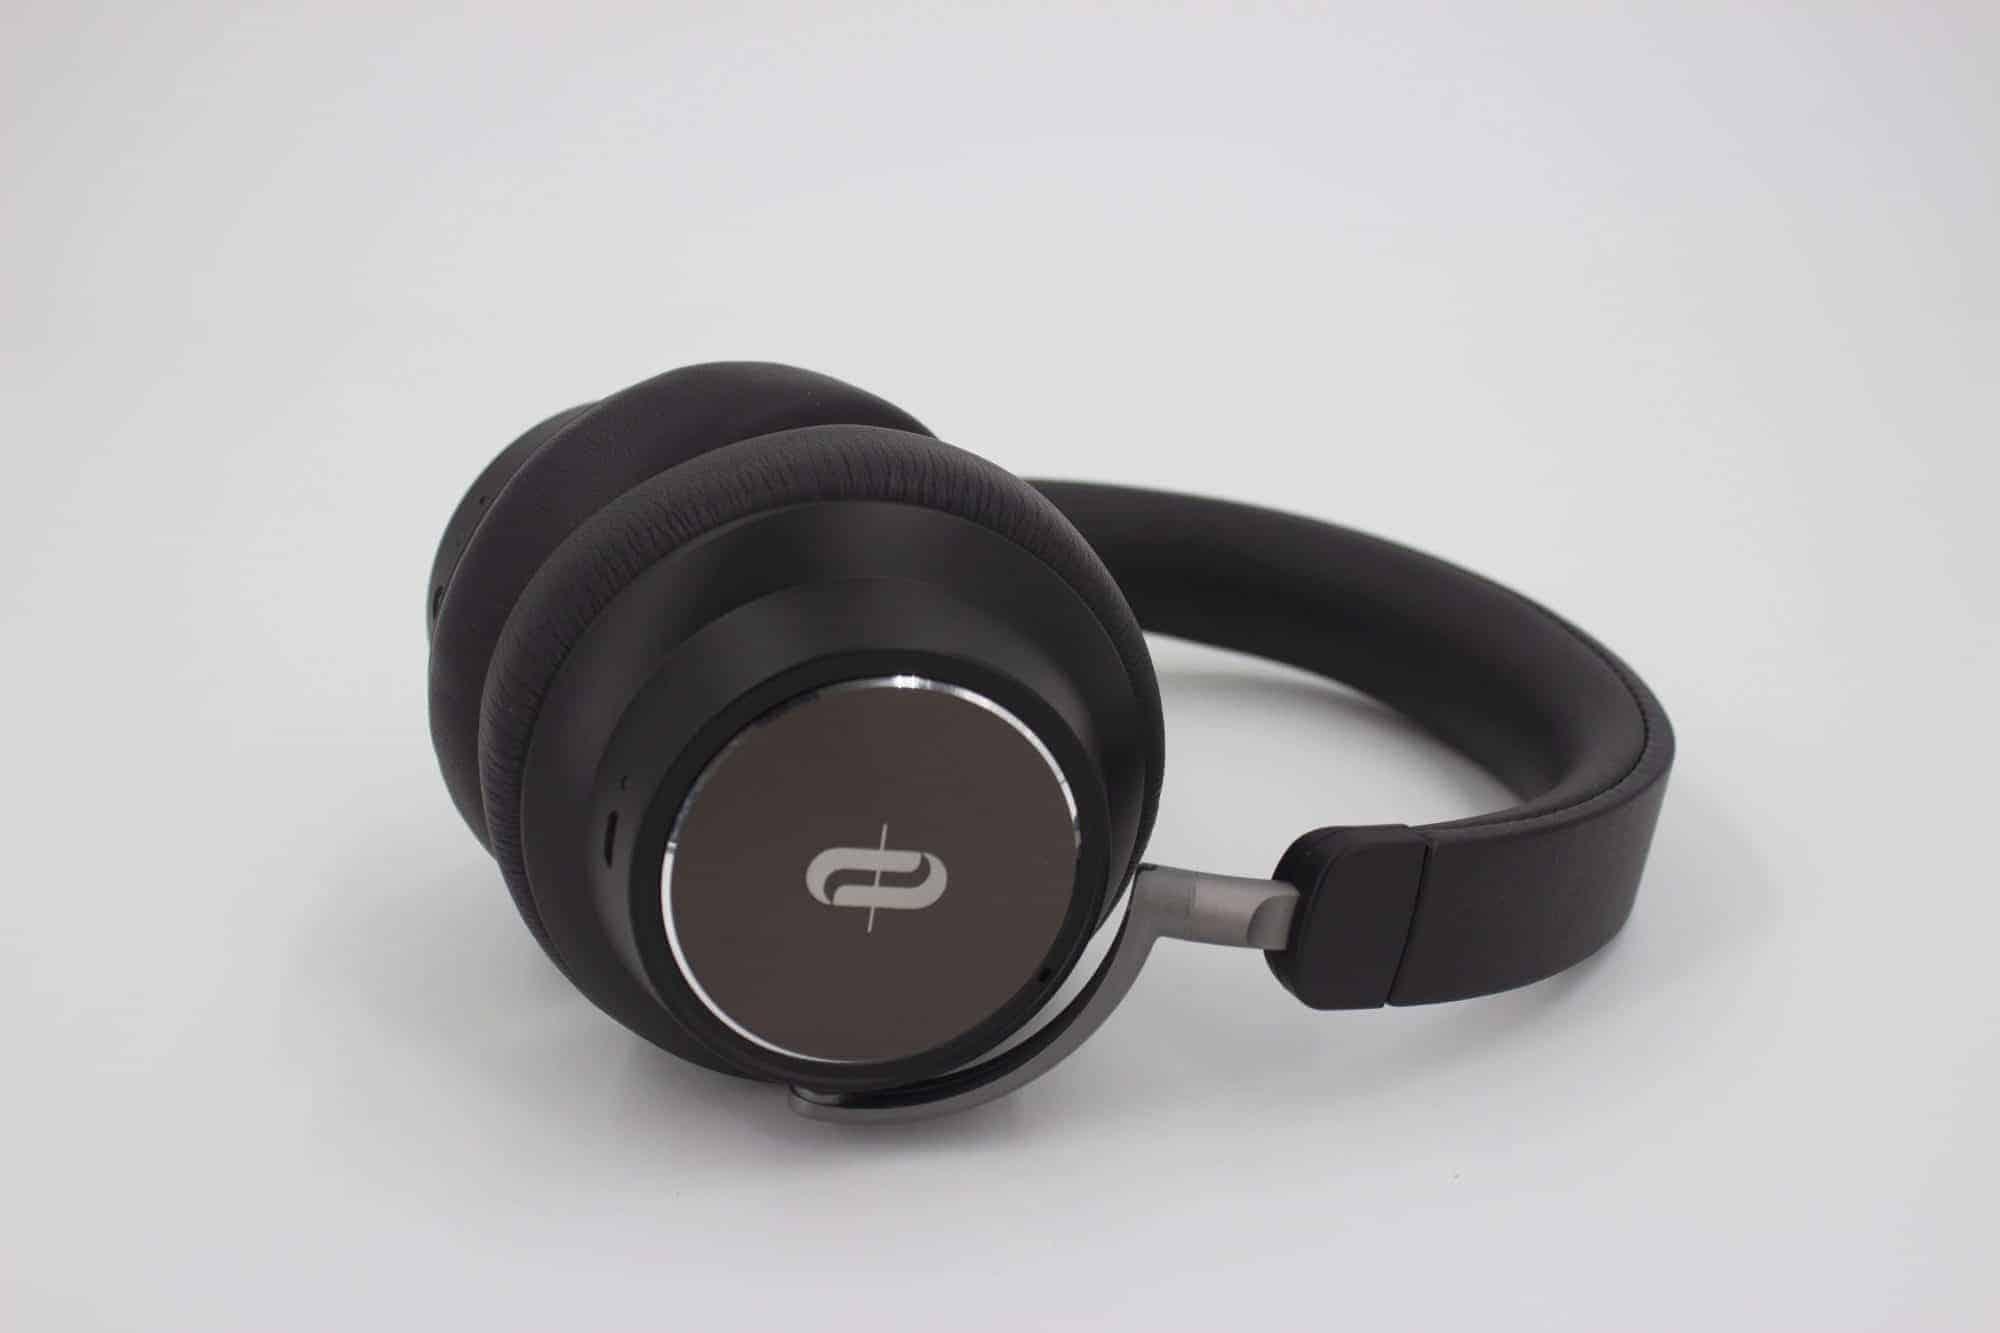 TaoTronics TT-BH046(SoundSurge 46)藍牙降噪耳機推薦 外型